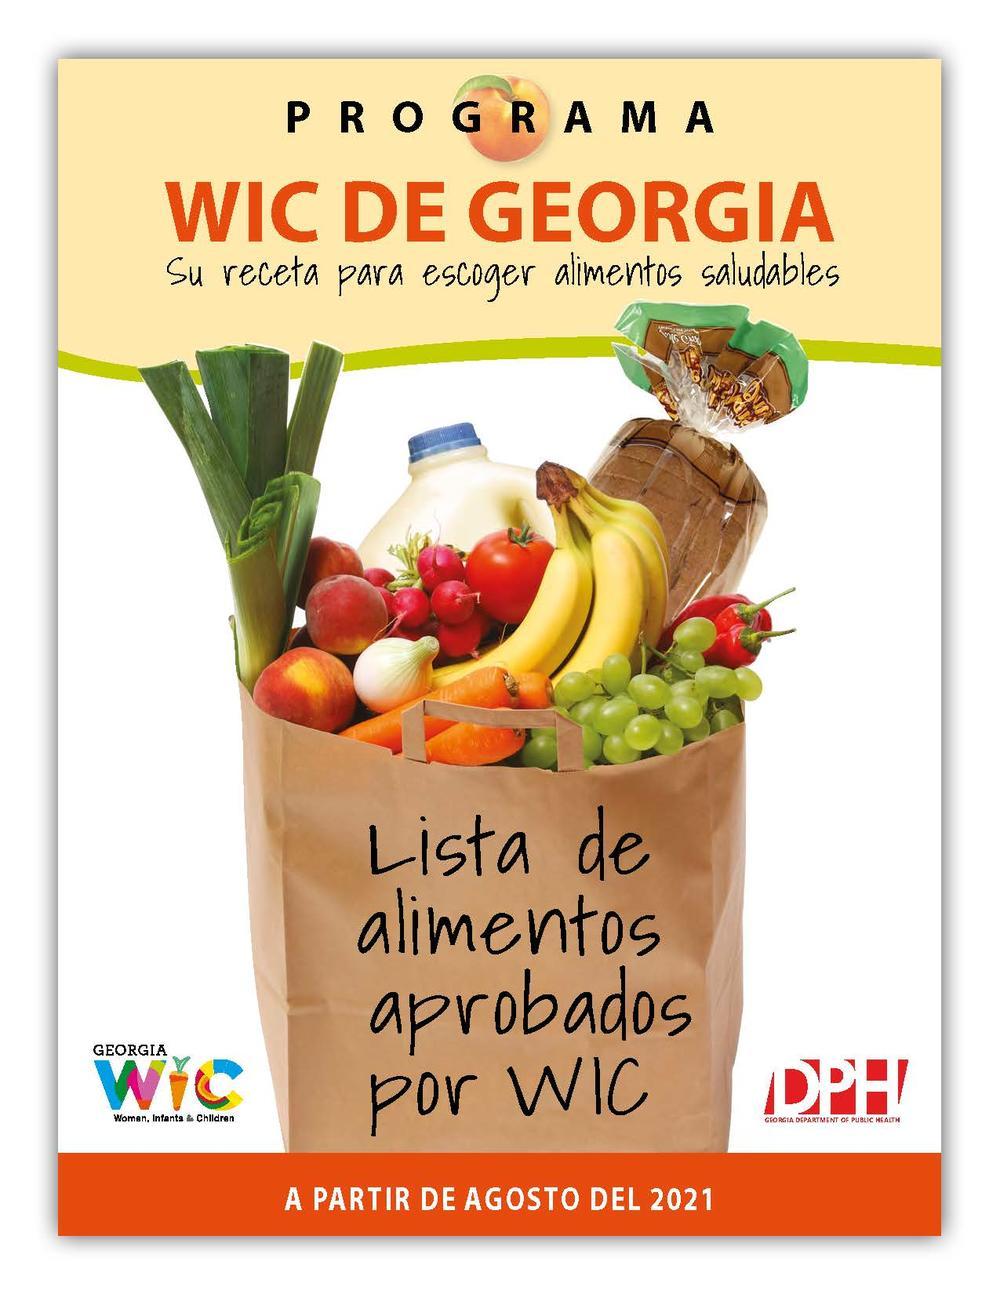 Lista de alimentos aprobados de WIC 2021